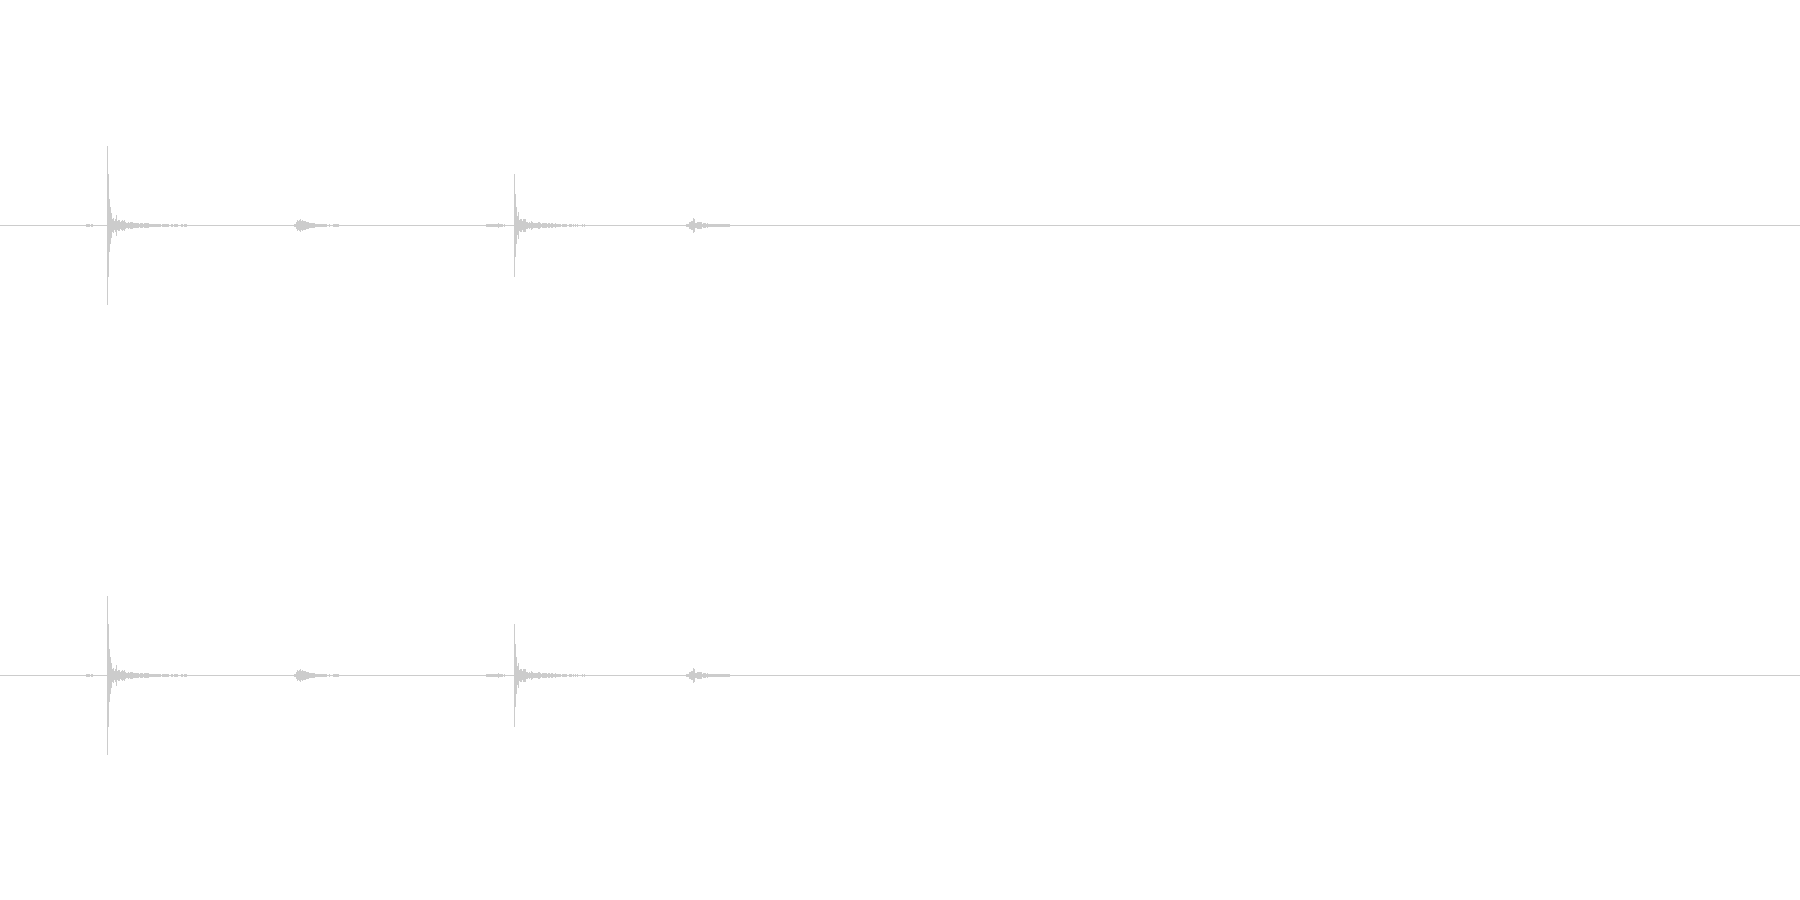 【ホッチキス01-3(カチカチ)】の未再生の波形